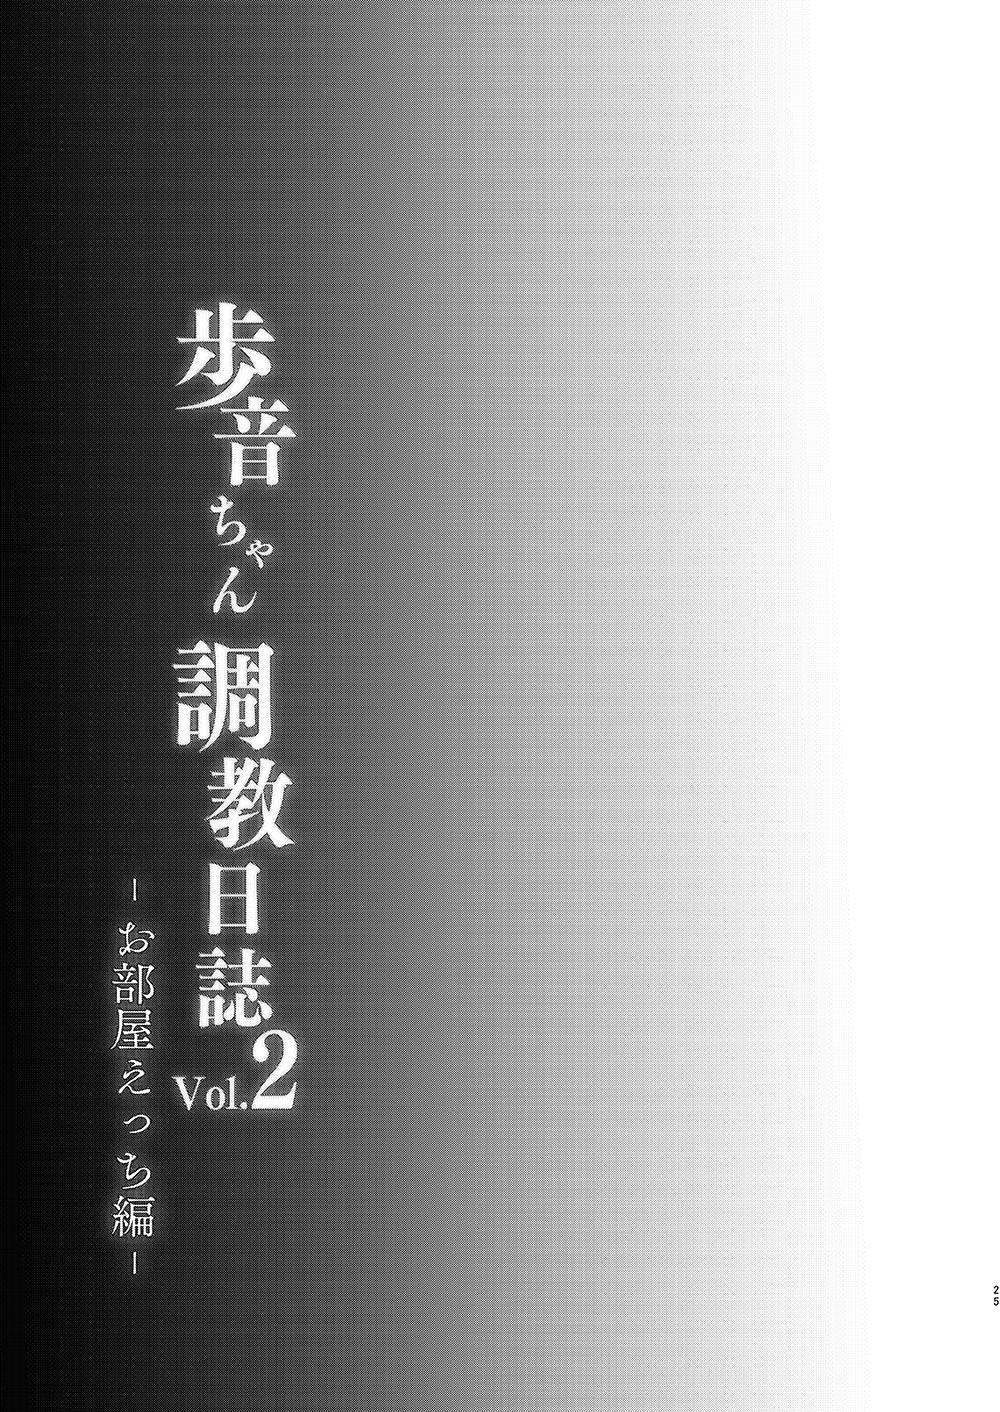 [Shimajiya (Shimaji)] Ayune-chan Choukyou Nisshi Vol. 2 -Oheya Ecchi Hen- [Digital] 25